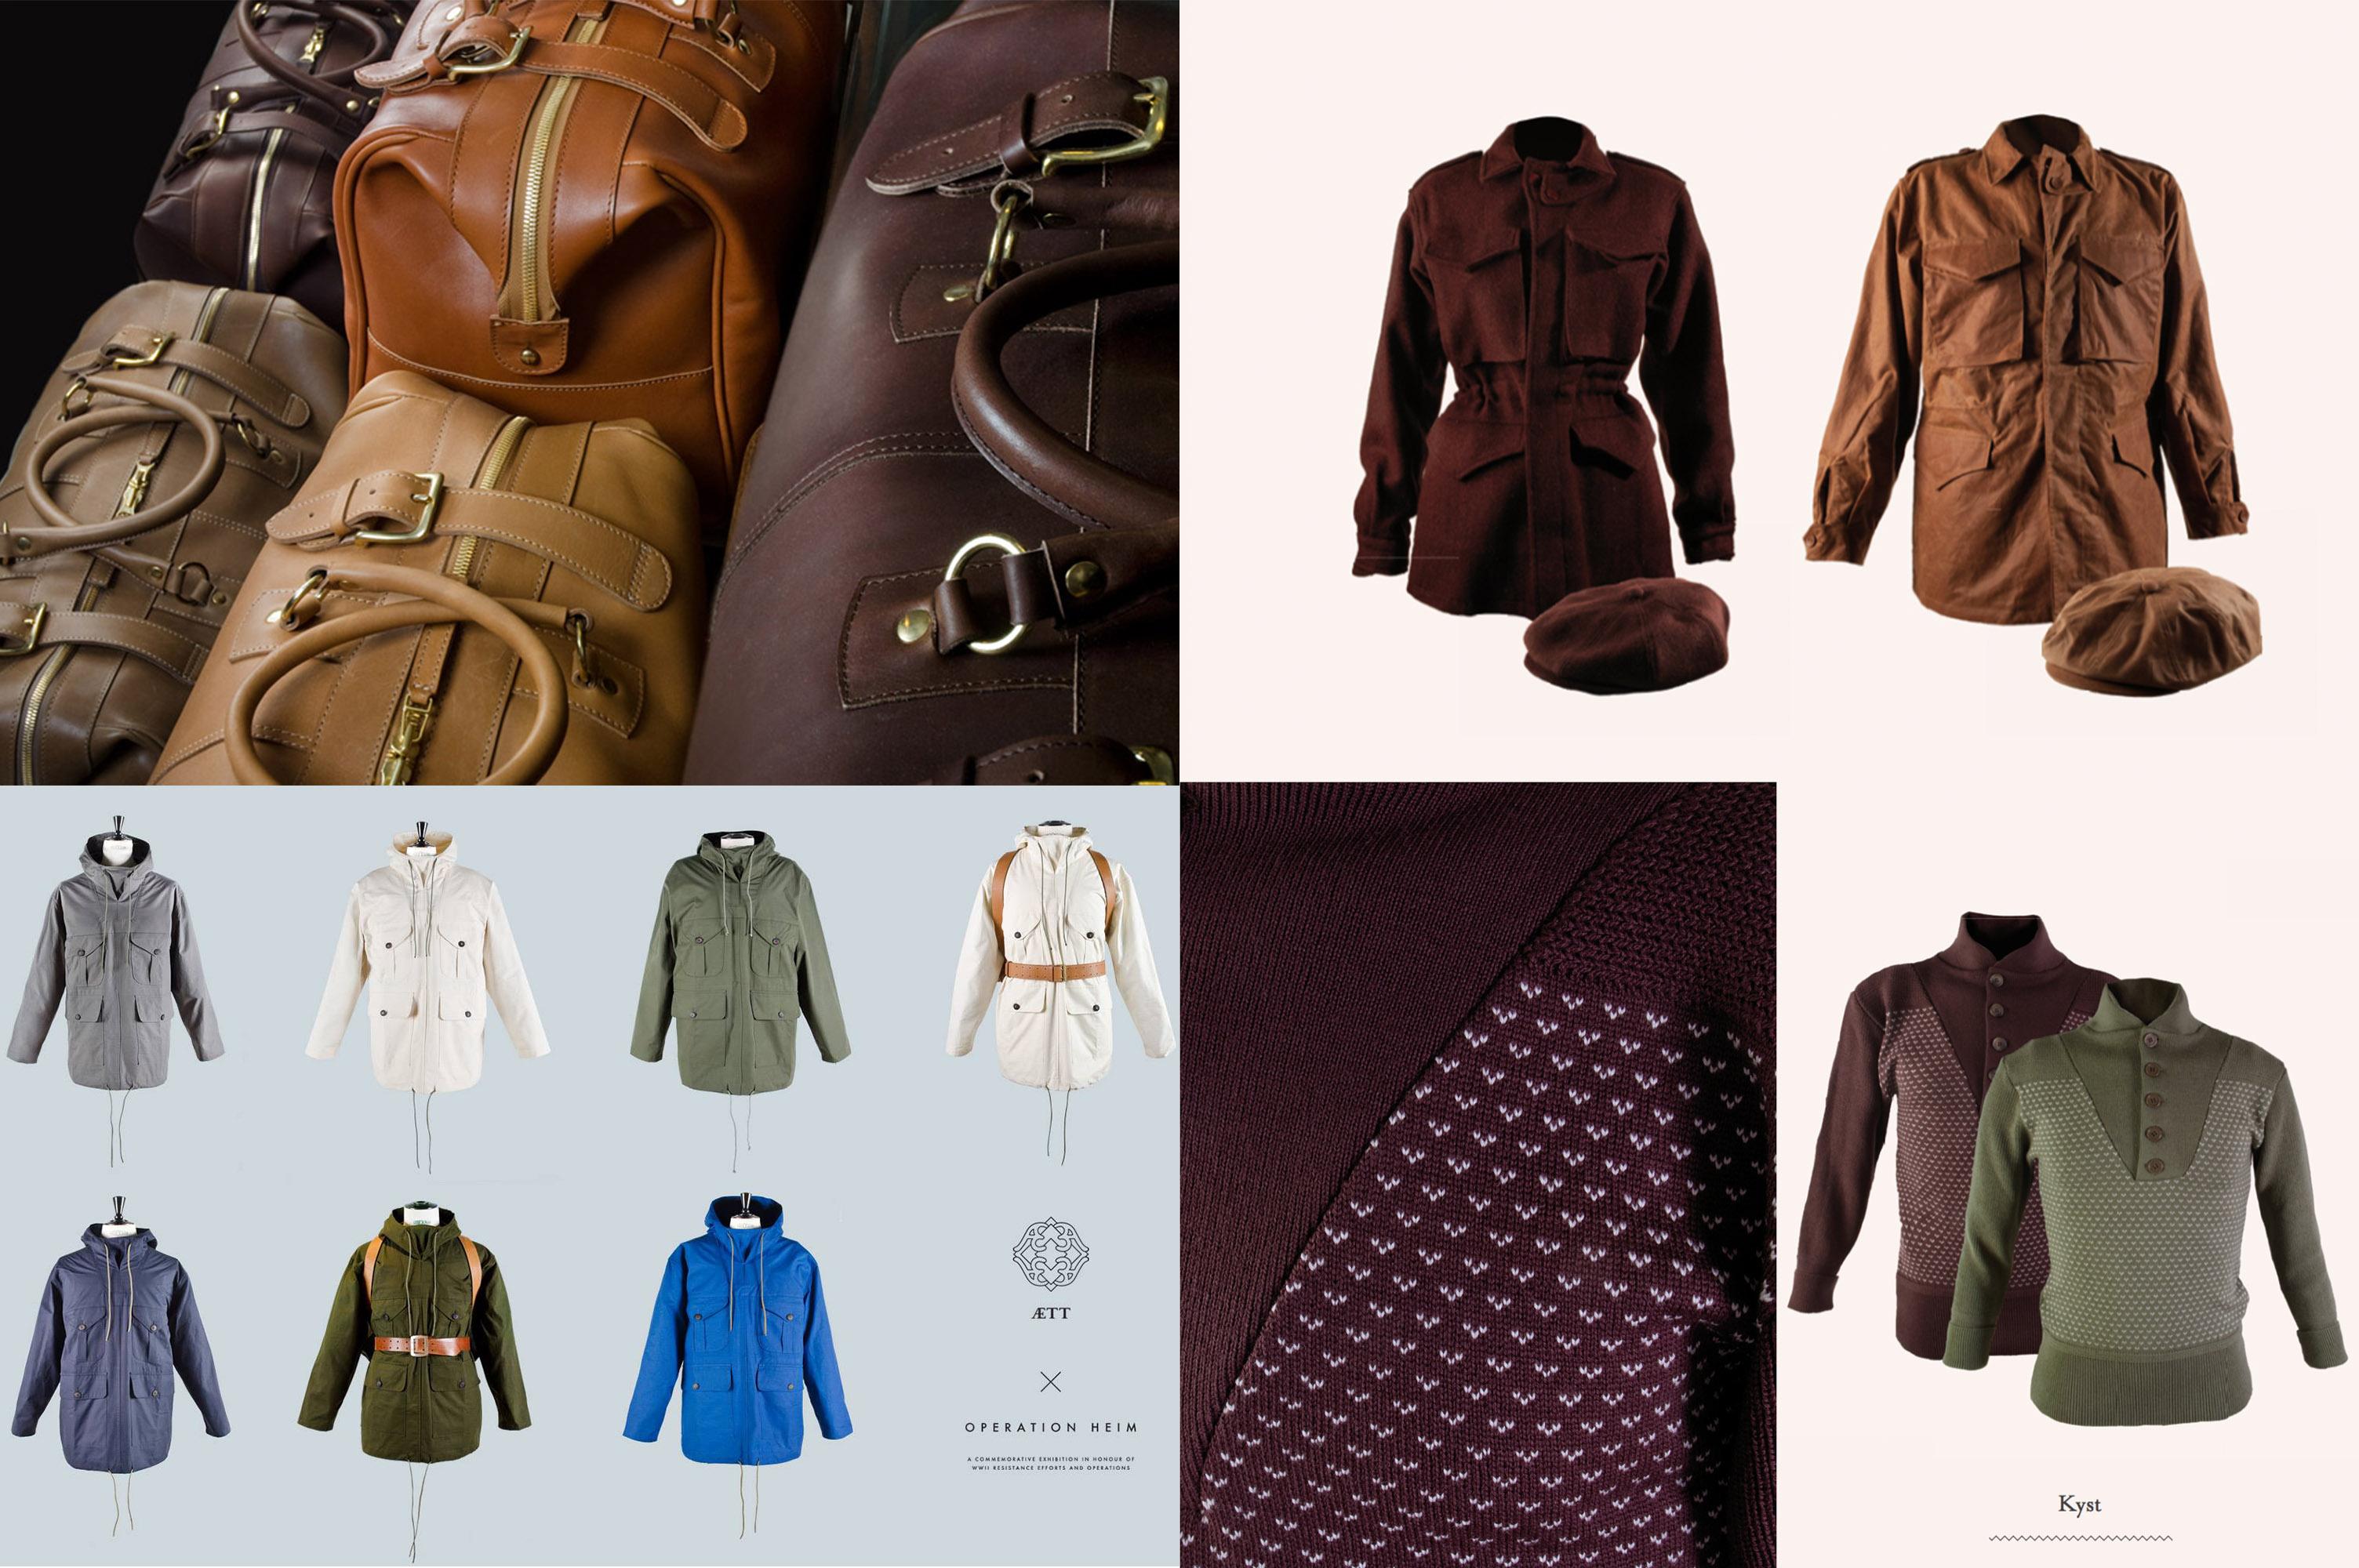 Aett clothing